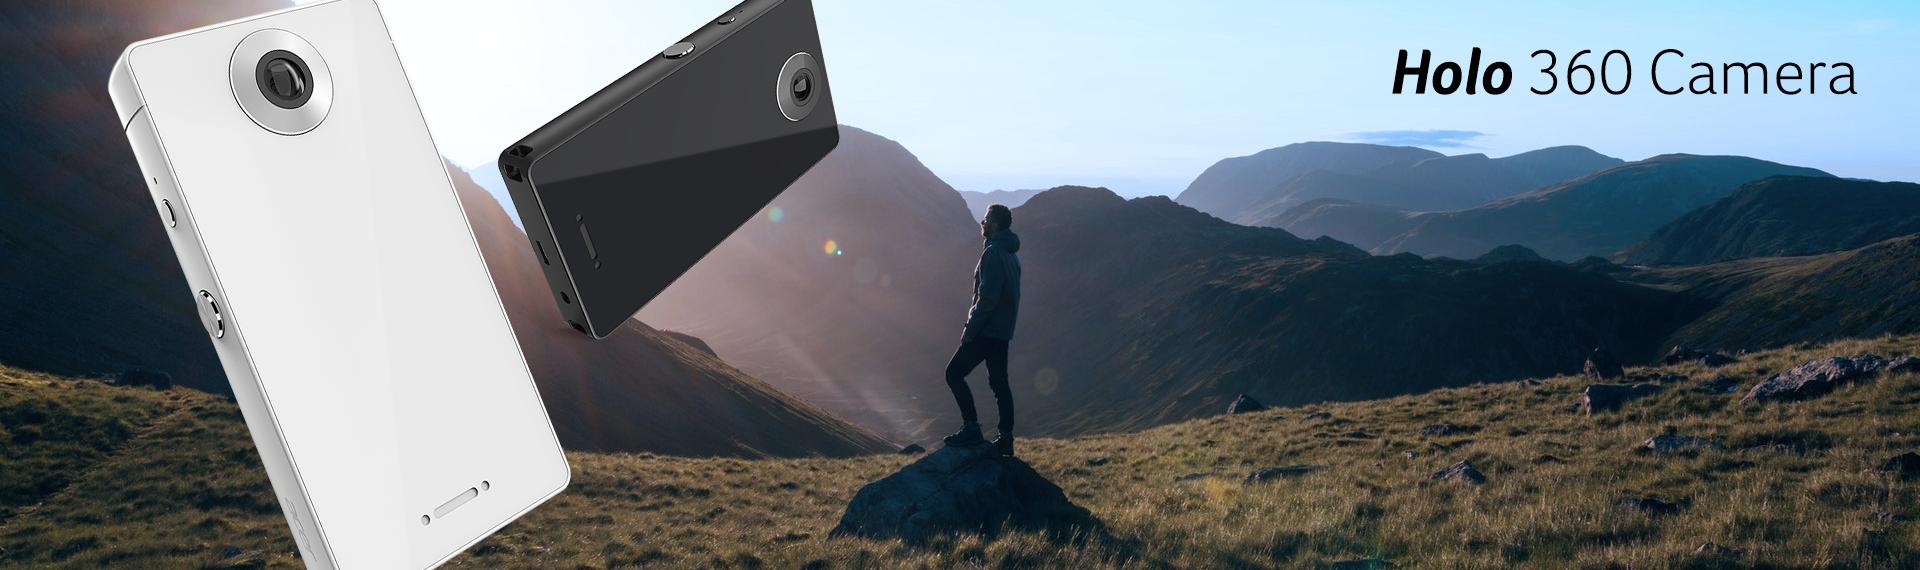 Tips Keren Menciptakan Momen Traveling dengan Kamera 360